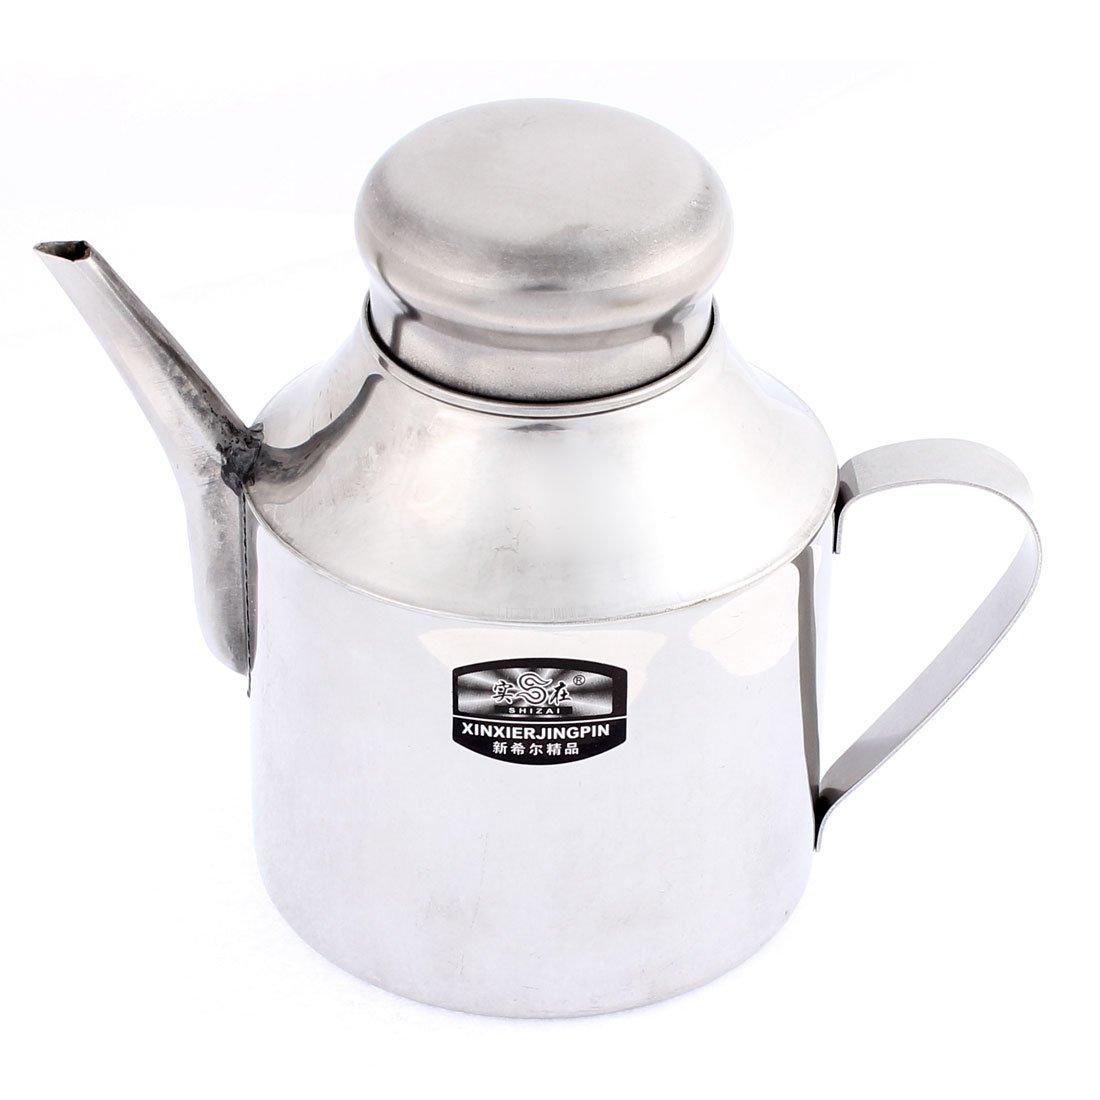 Stainless Steel Kitchen Lidded Shanked Oil Vinegar Sauce Pot 24oz 2pcs